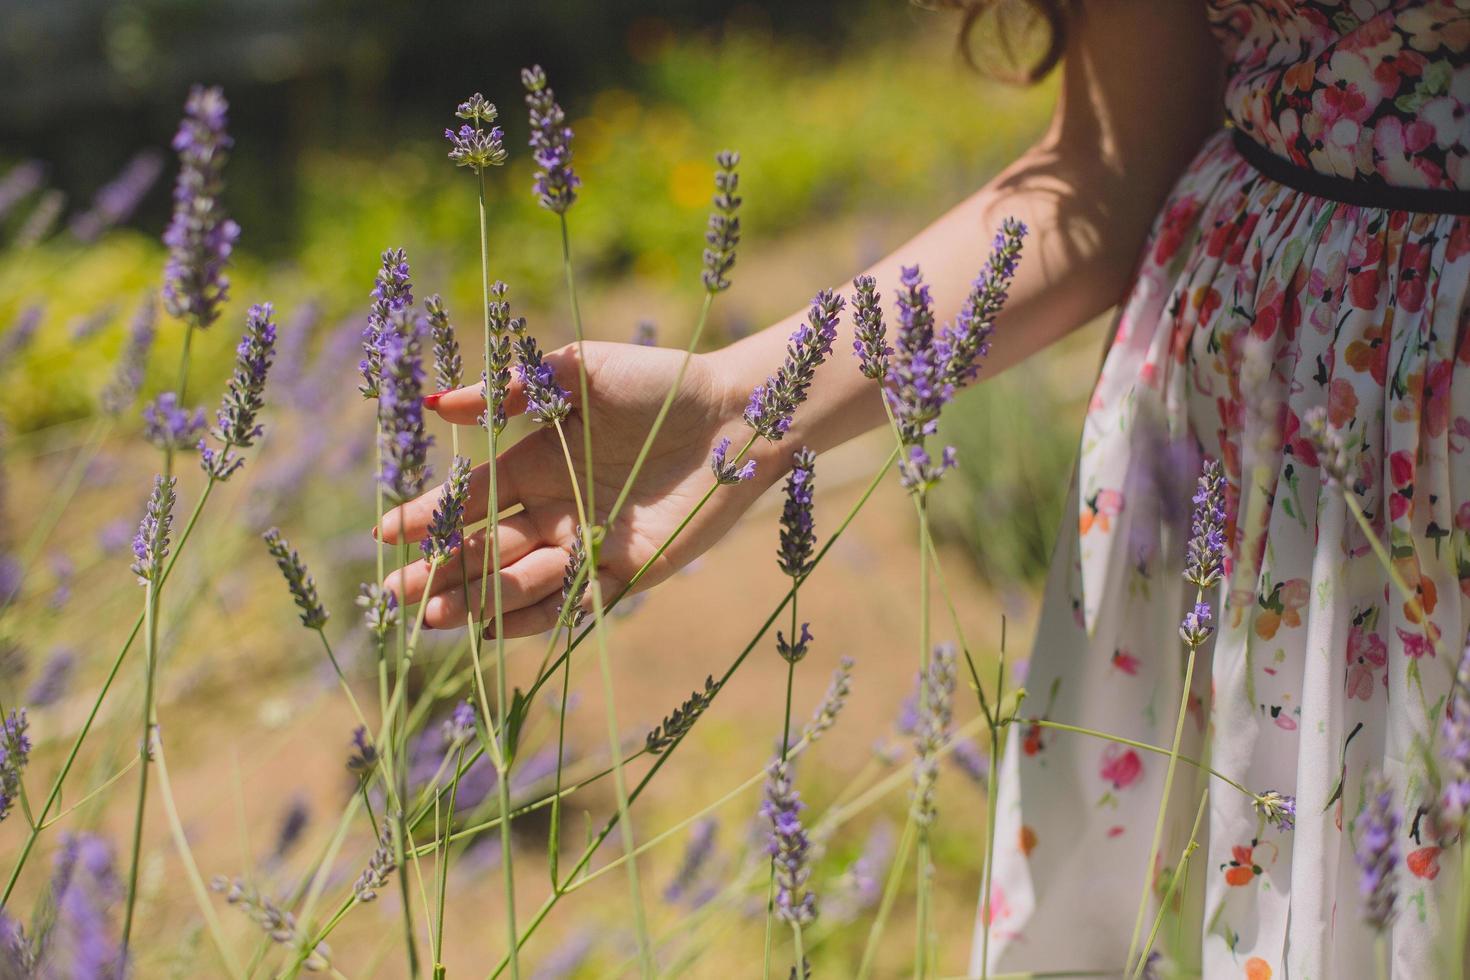 vrouw loopt hand door lavendel foto